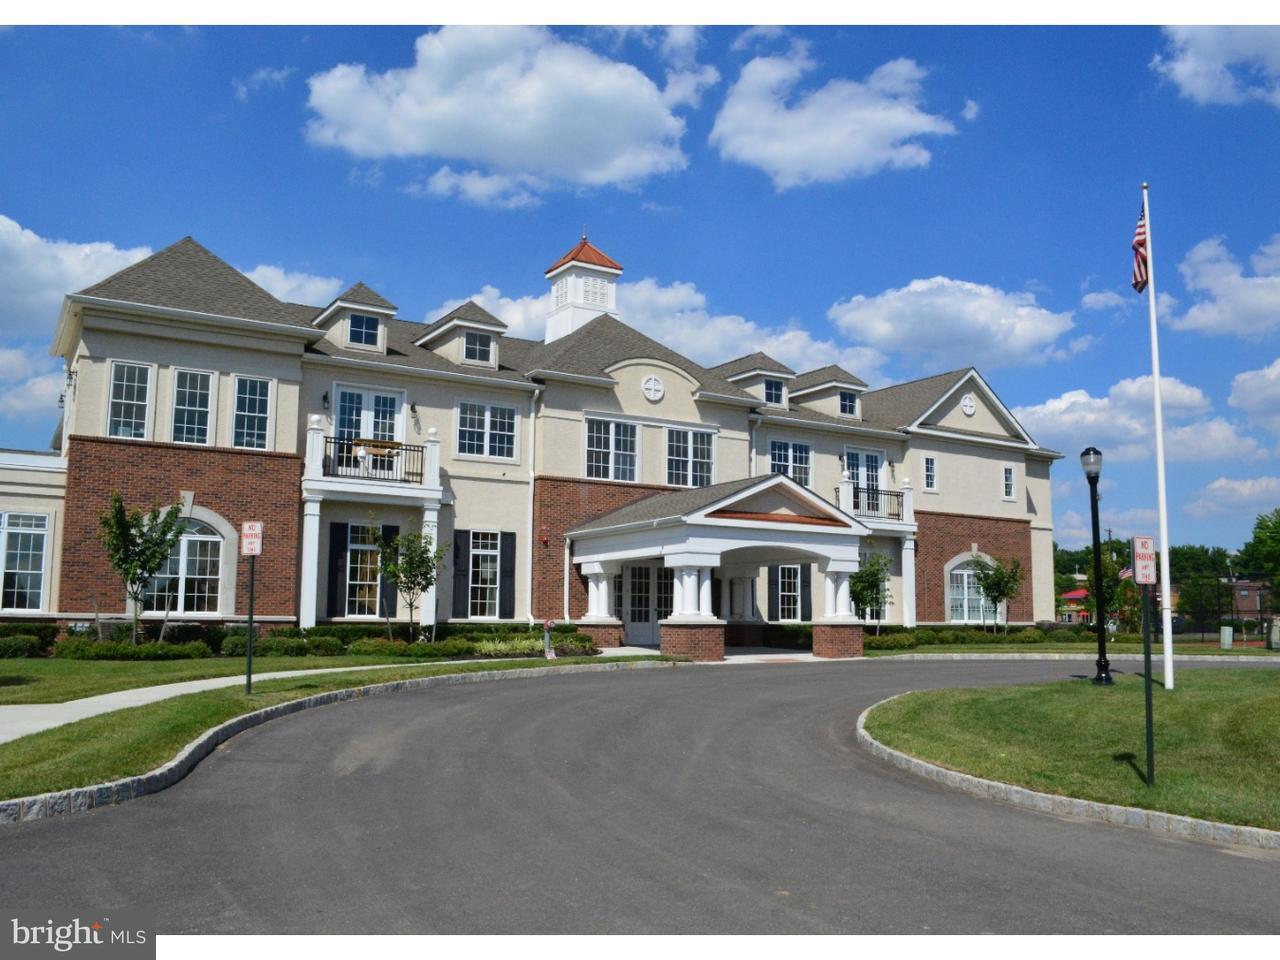 独户住宅 为 出租 在 428 CITATION LN #428 Cherry Hill, 新泽西州 08002 美国